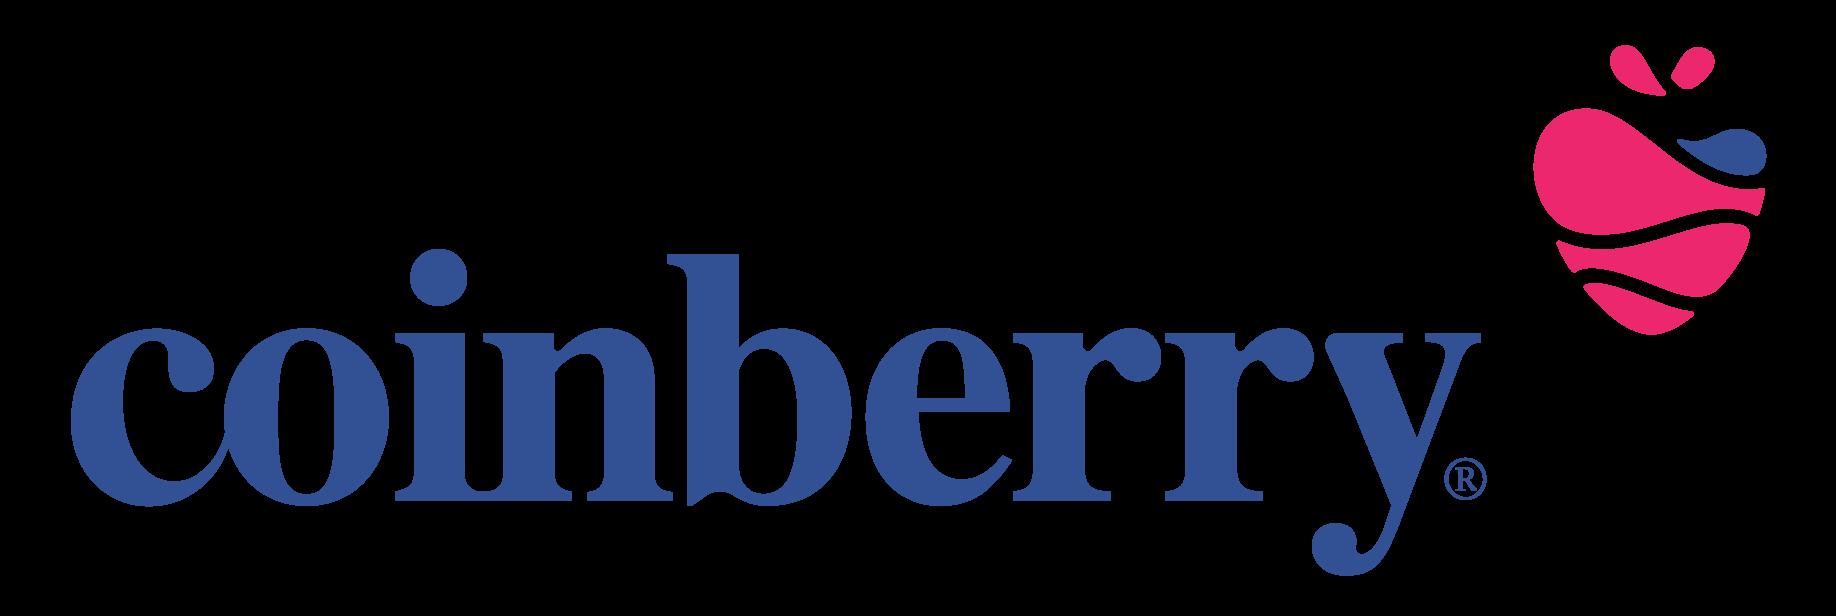 Coinberrylogo